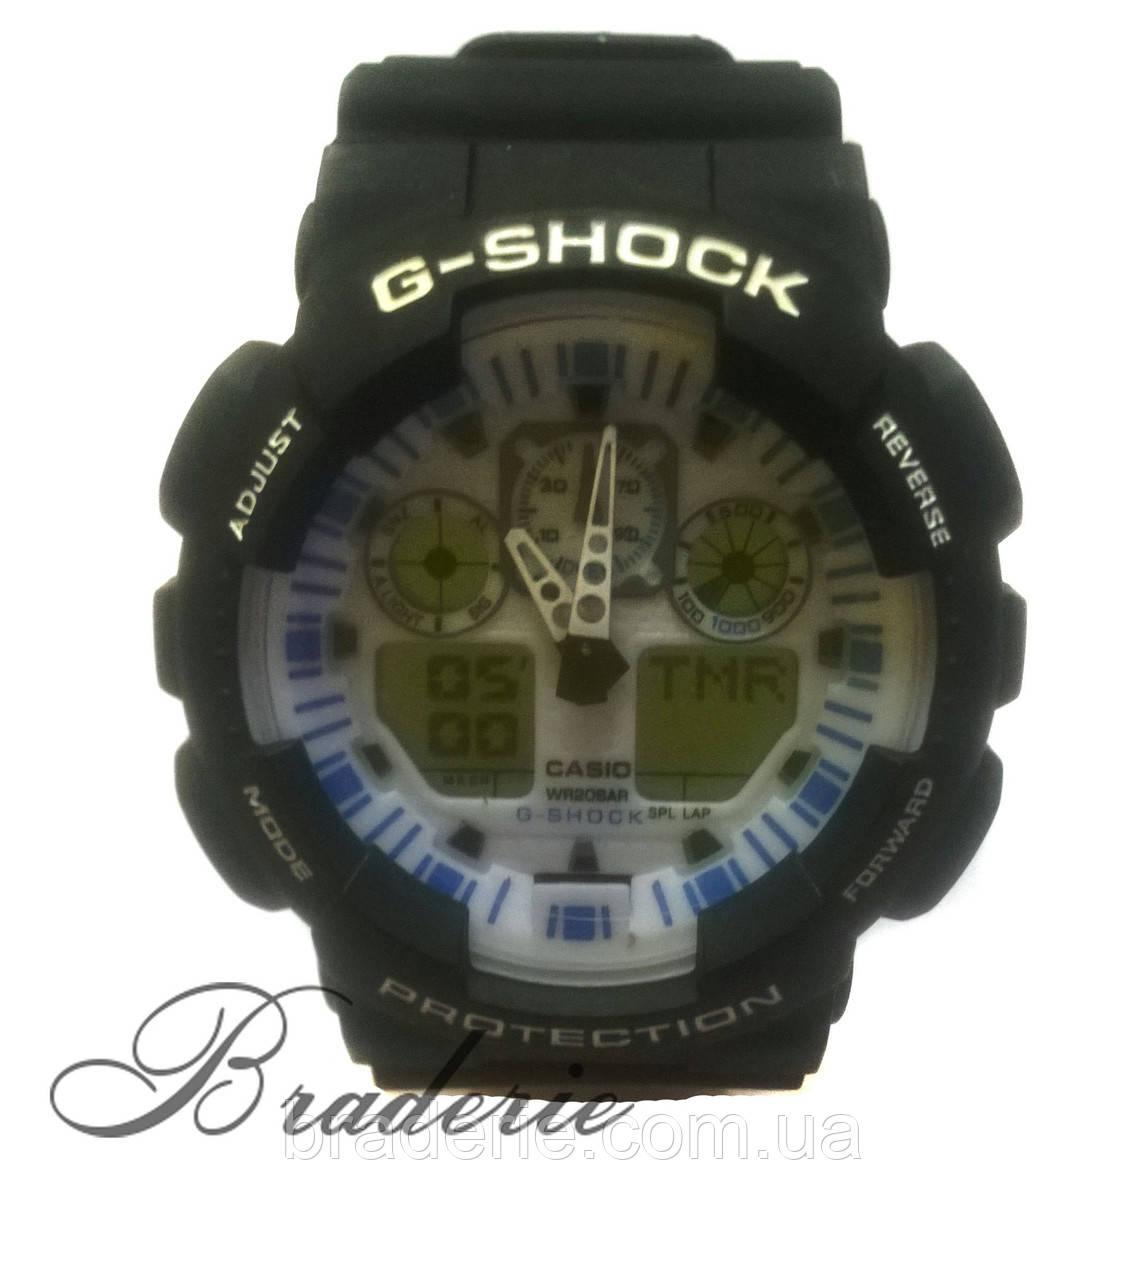 Наручные часы Casio G-Shock 1206